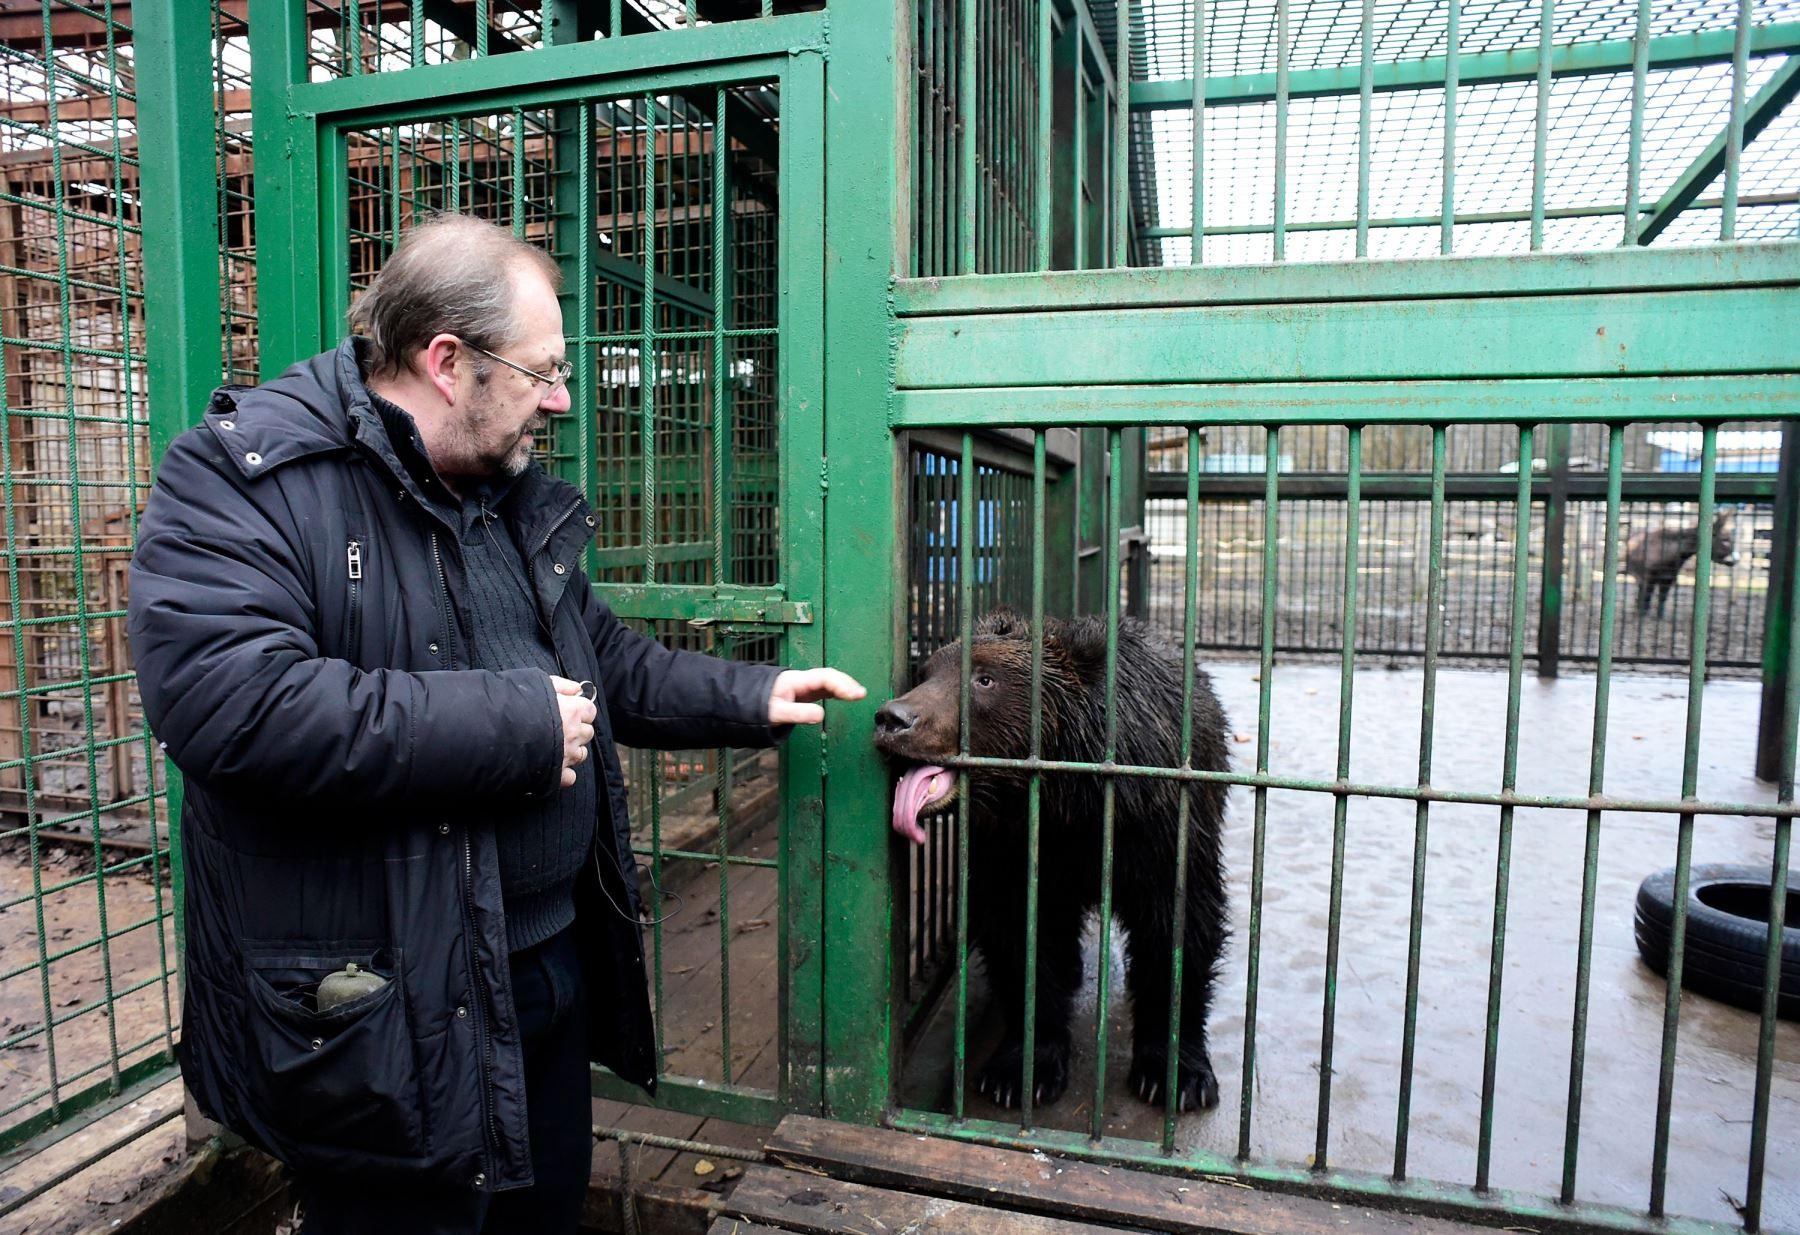 Alexander Fedorov, propietario y fundador de Veles, un refugio para animales salvajes, visita un oso en la aldea de Rappolovo, en las afueras de San Petersburgo Foto: AFP